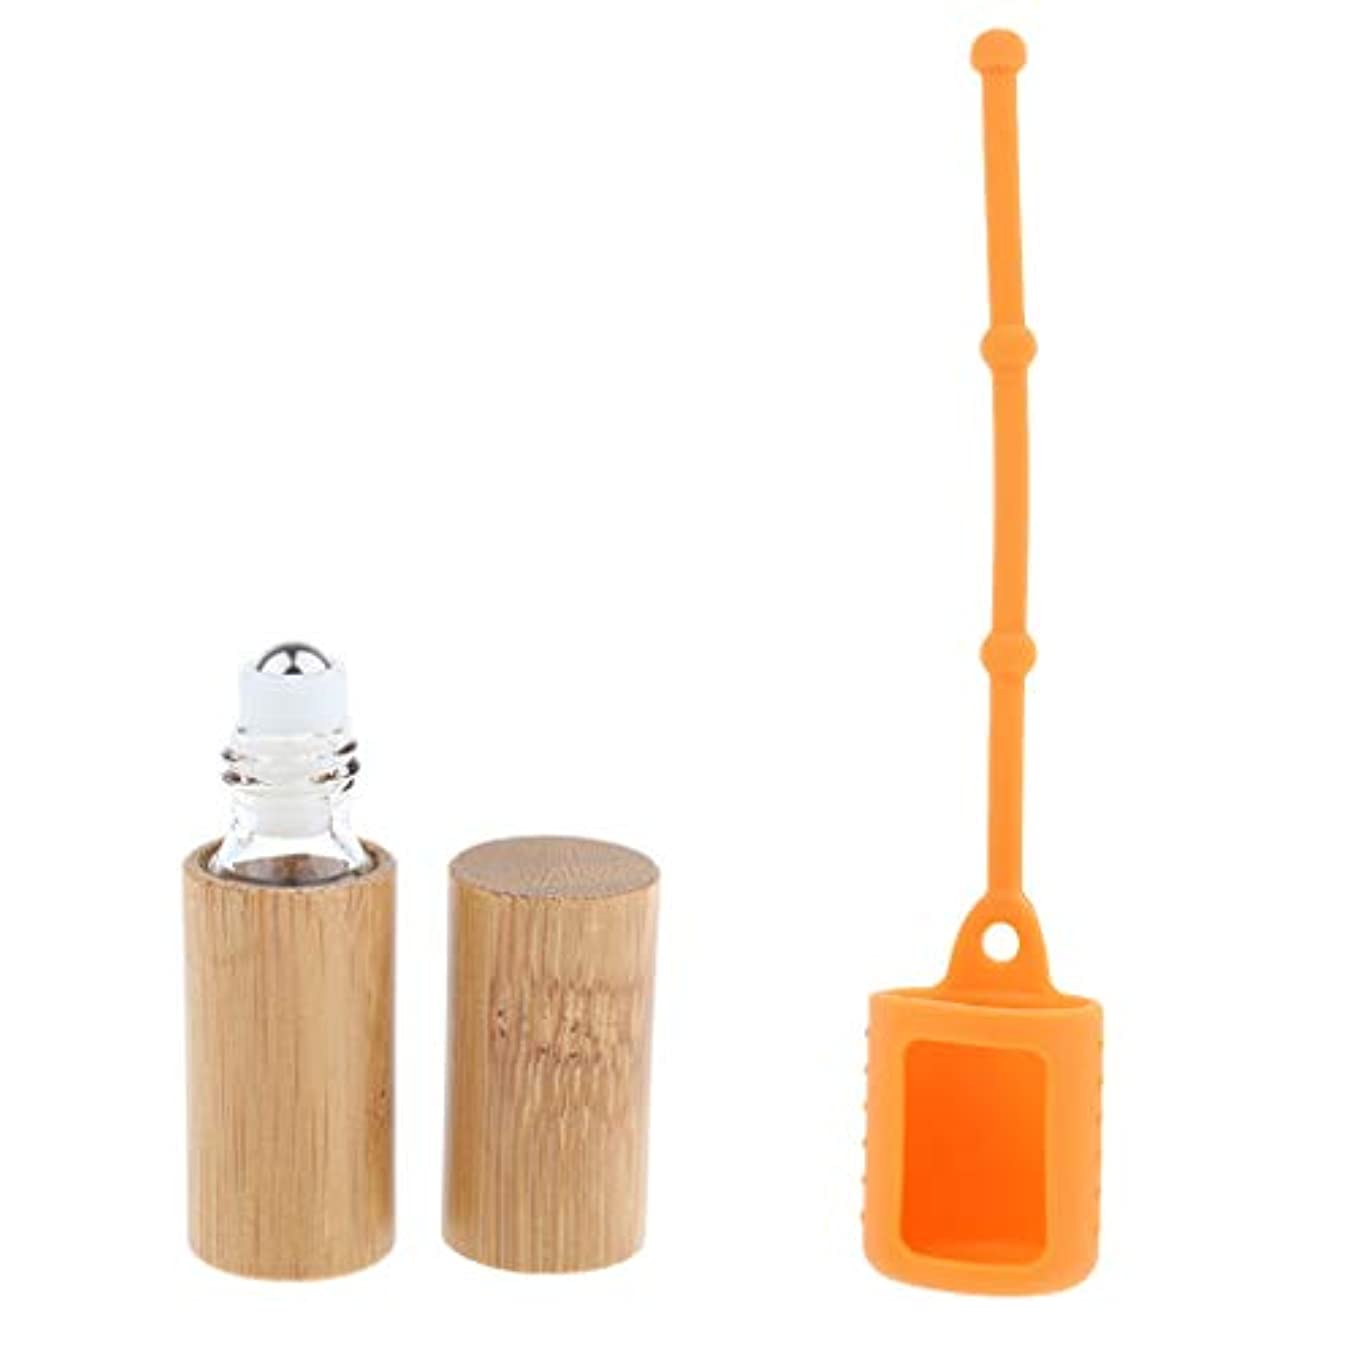 監督するパッケージ防衛FLAMEER 空ボトル 竹ボトル 香水瓶 エッセンシャルオイル 精油瓶 詰め替え 掛け シリコンカバー